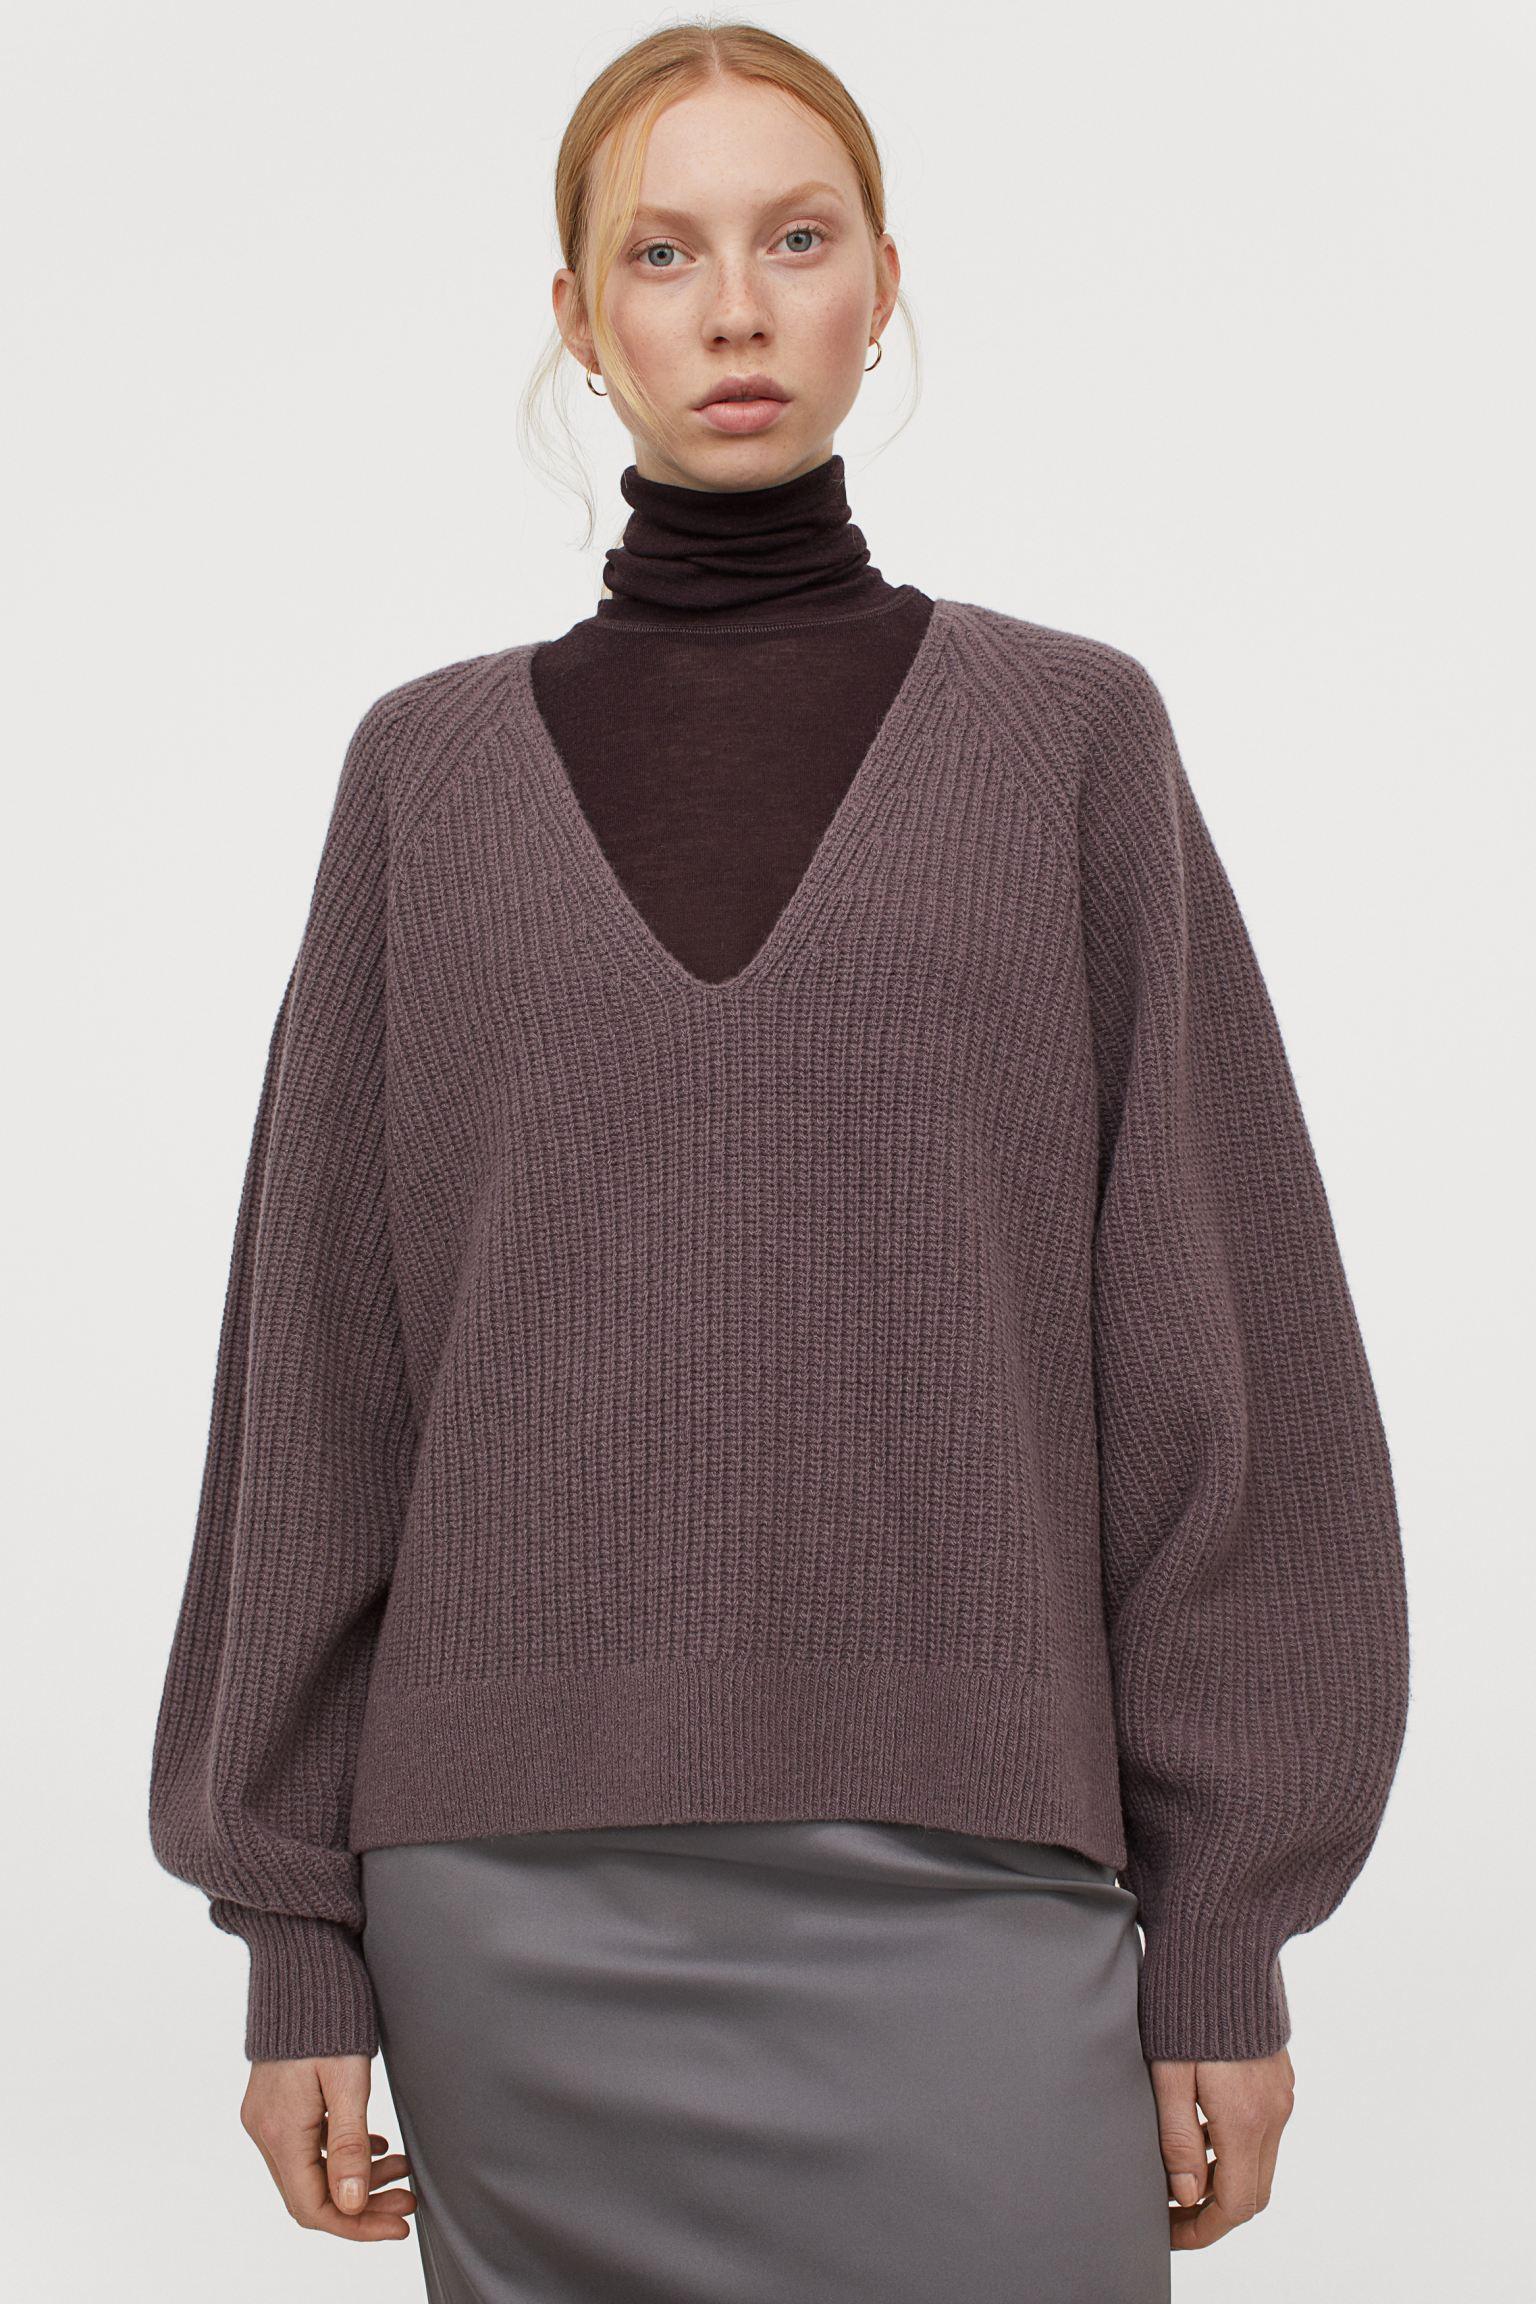 Jersey en canalé de lana